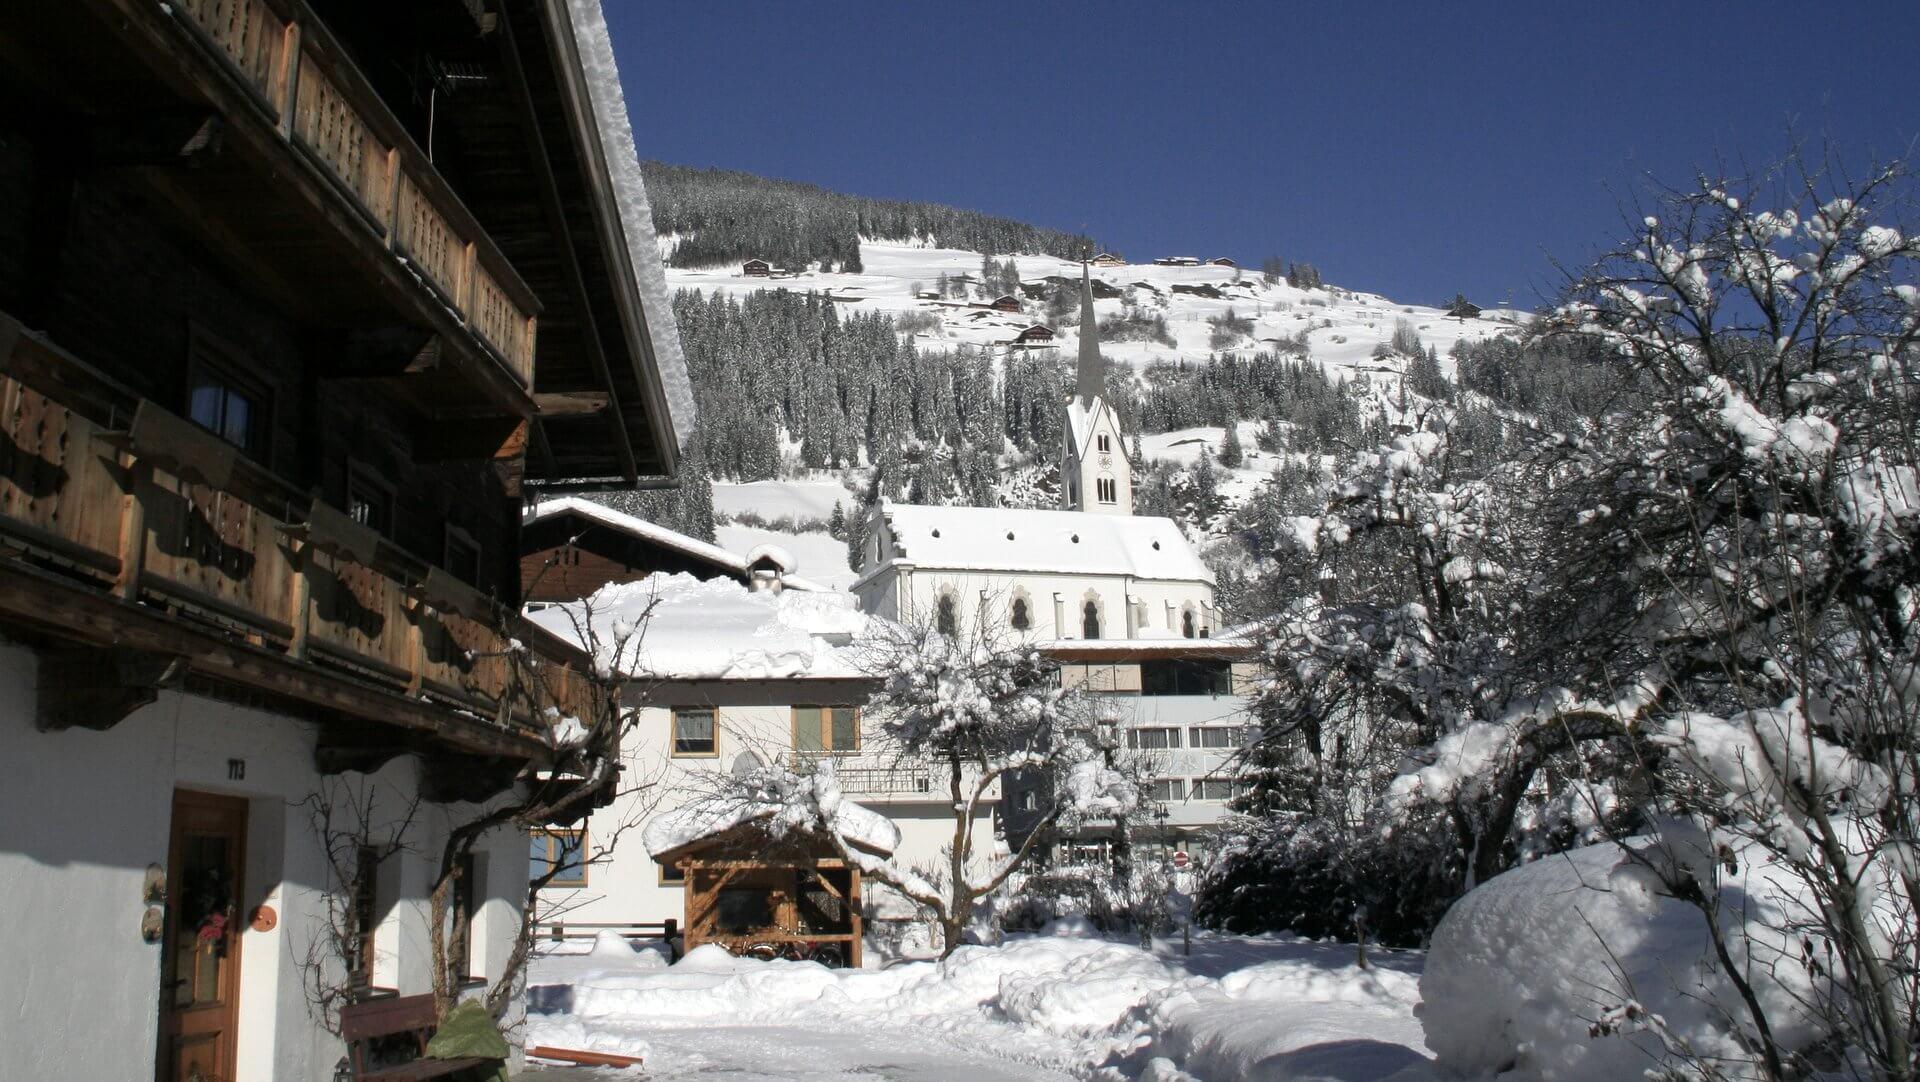 Sillian in Osttirol - Blick Richtung Dorf-Zentrum - OsttirolerLand.com   © Peter-Leiter